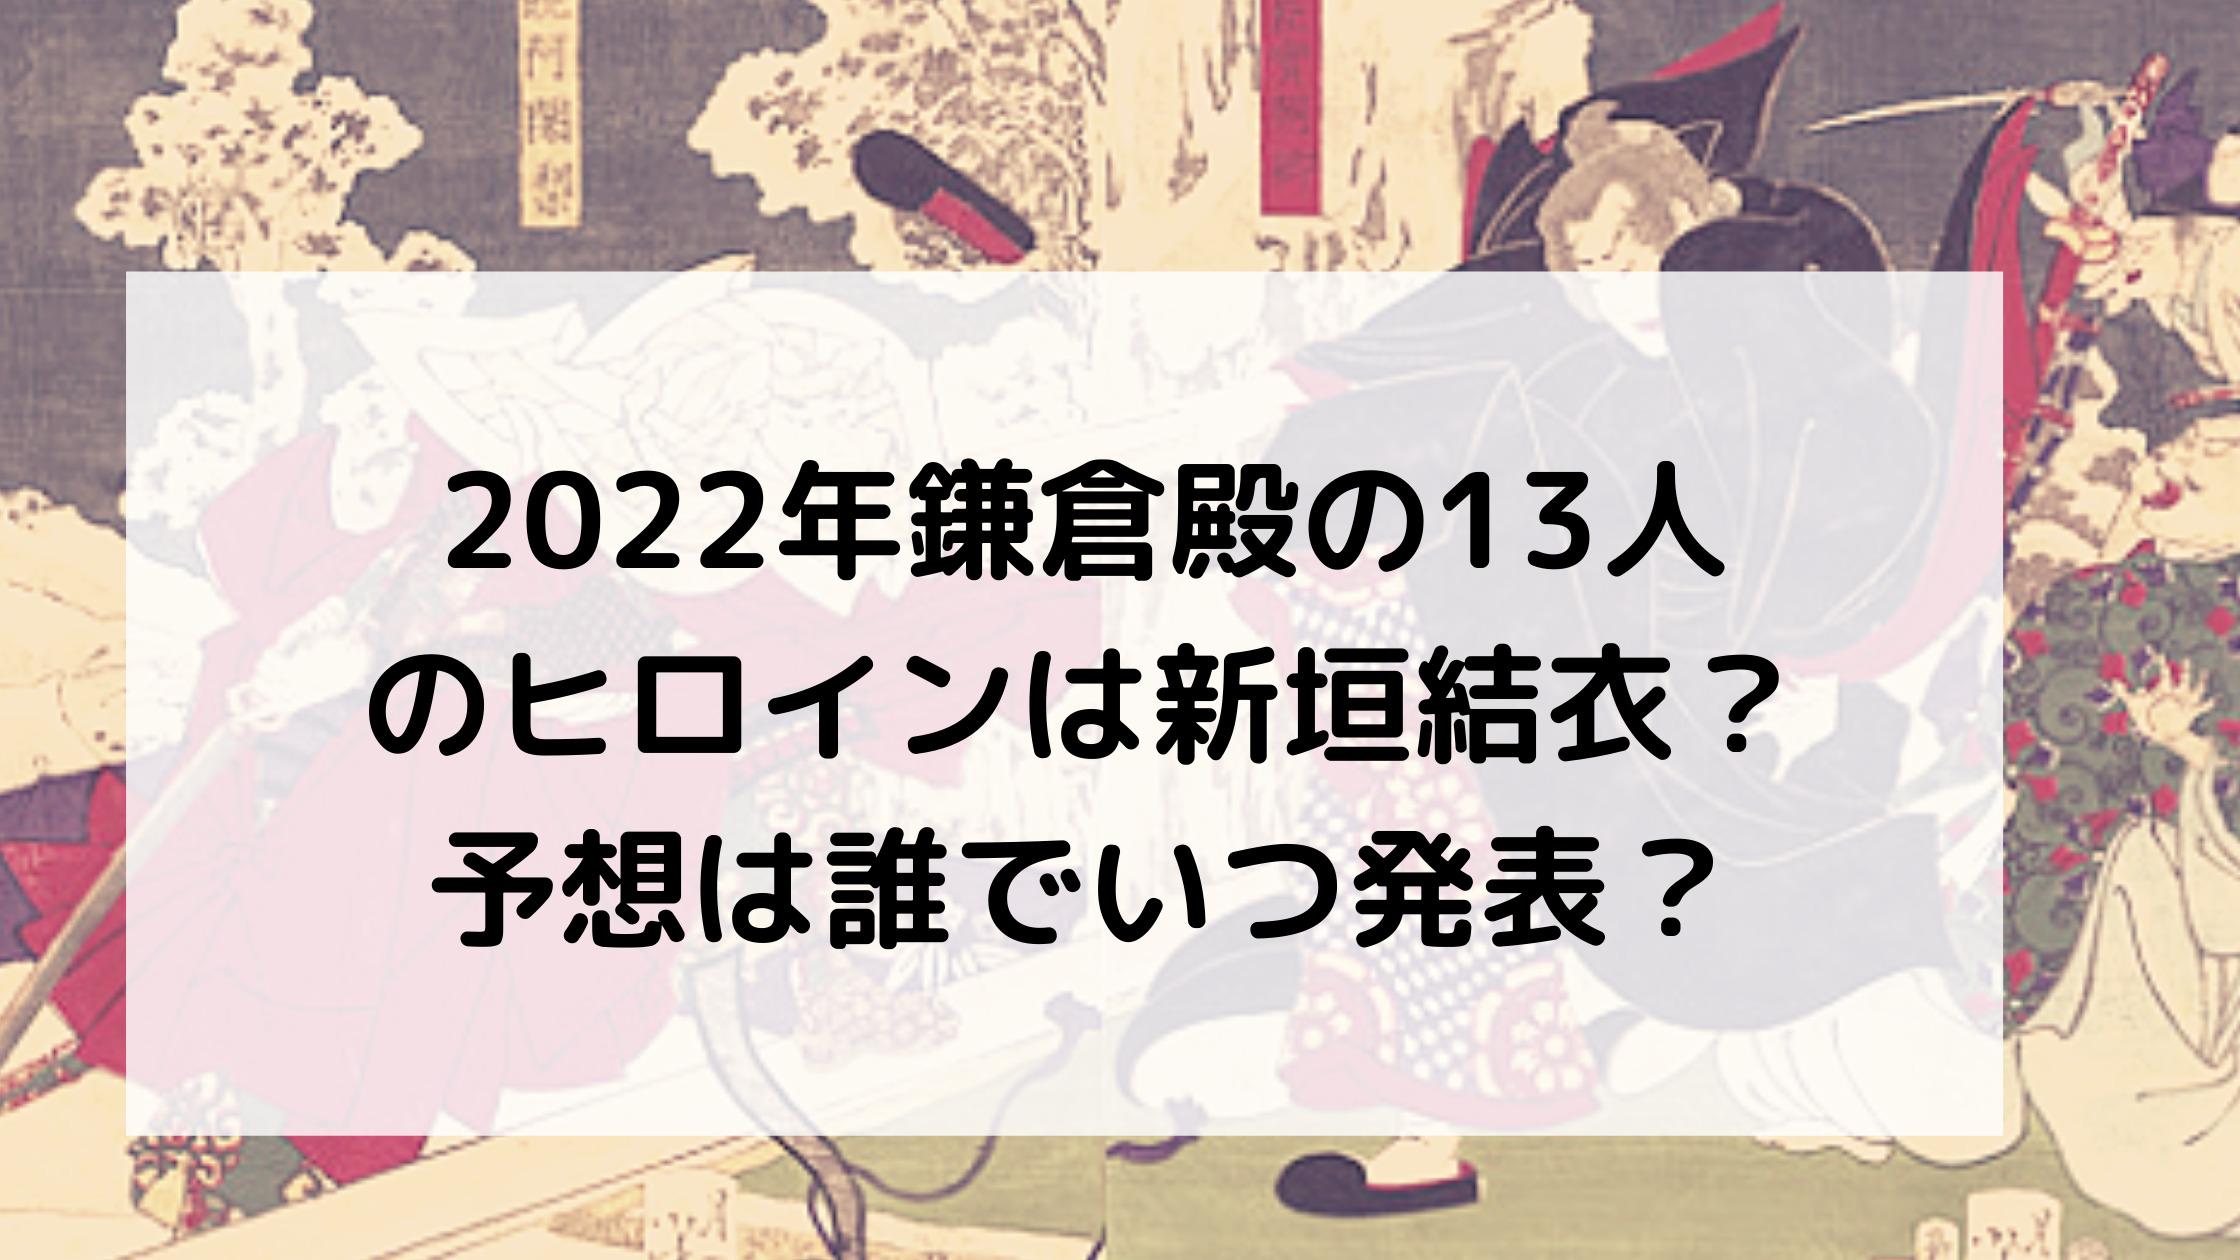 2022年鎌倉殿の13人のヒロインは新垣結衣?予想は誰でいつ発表?